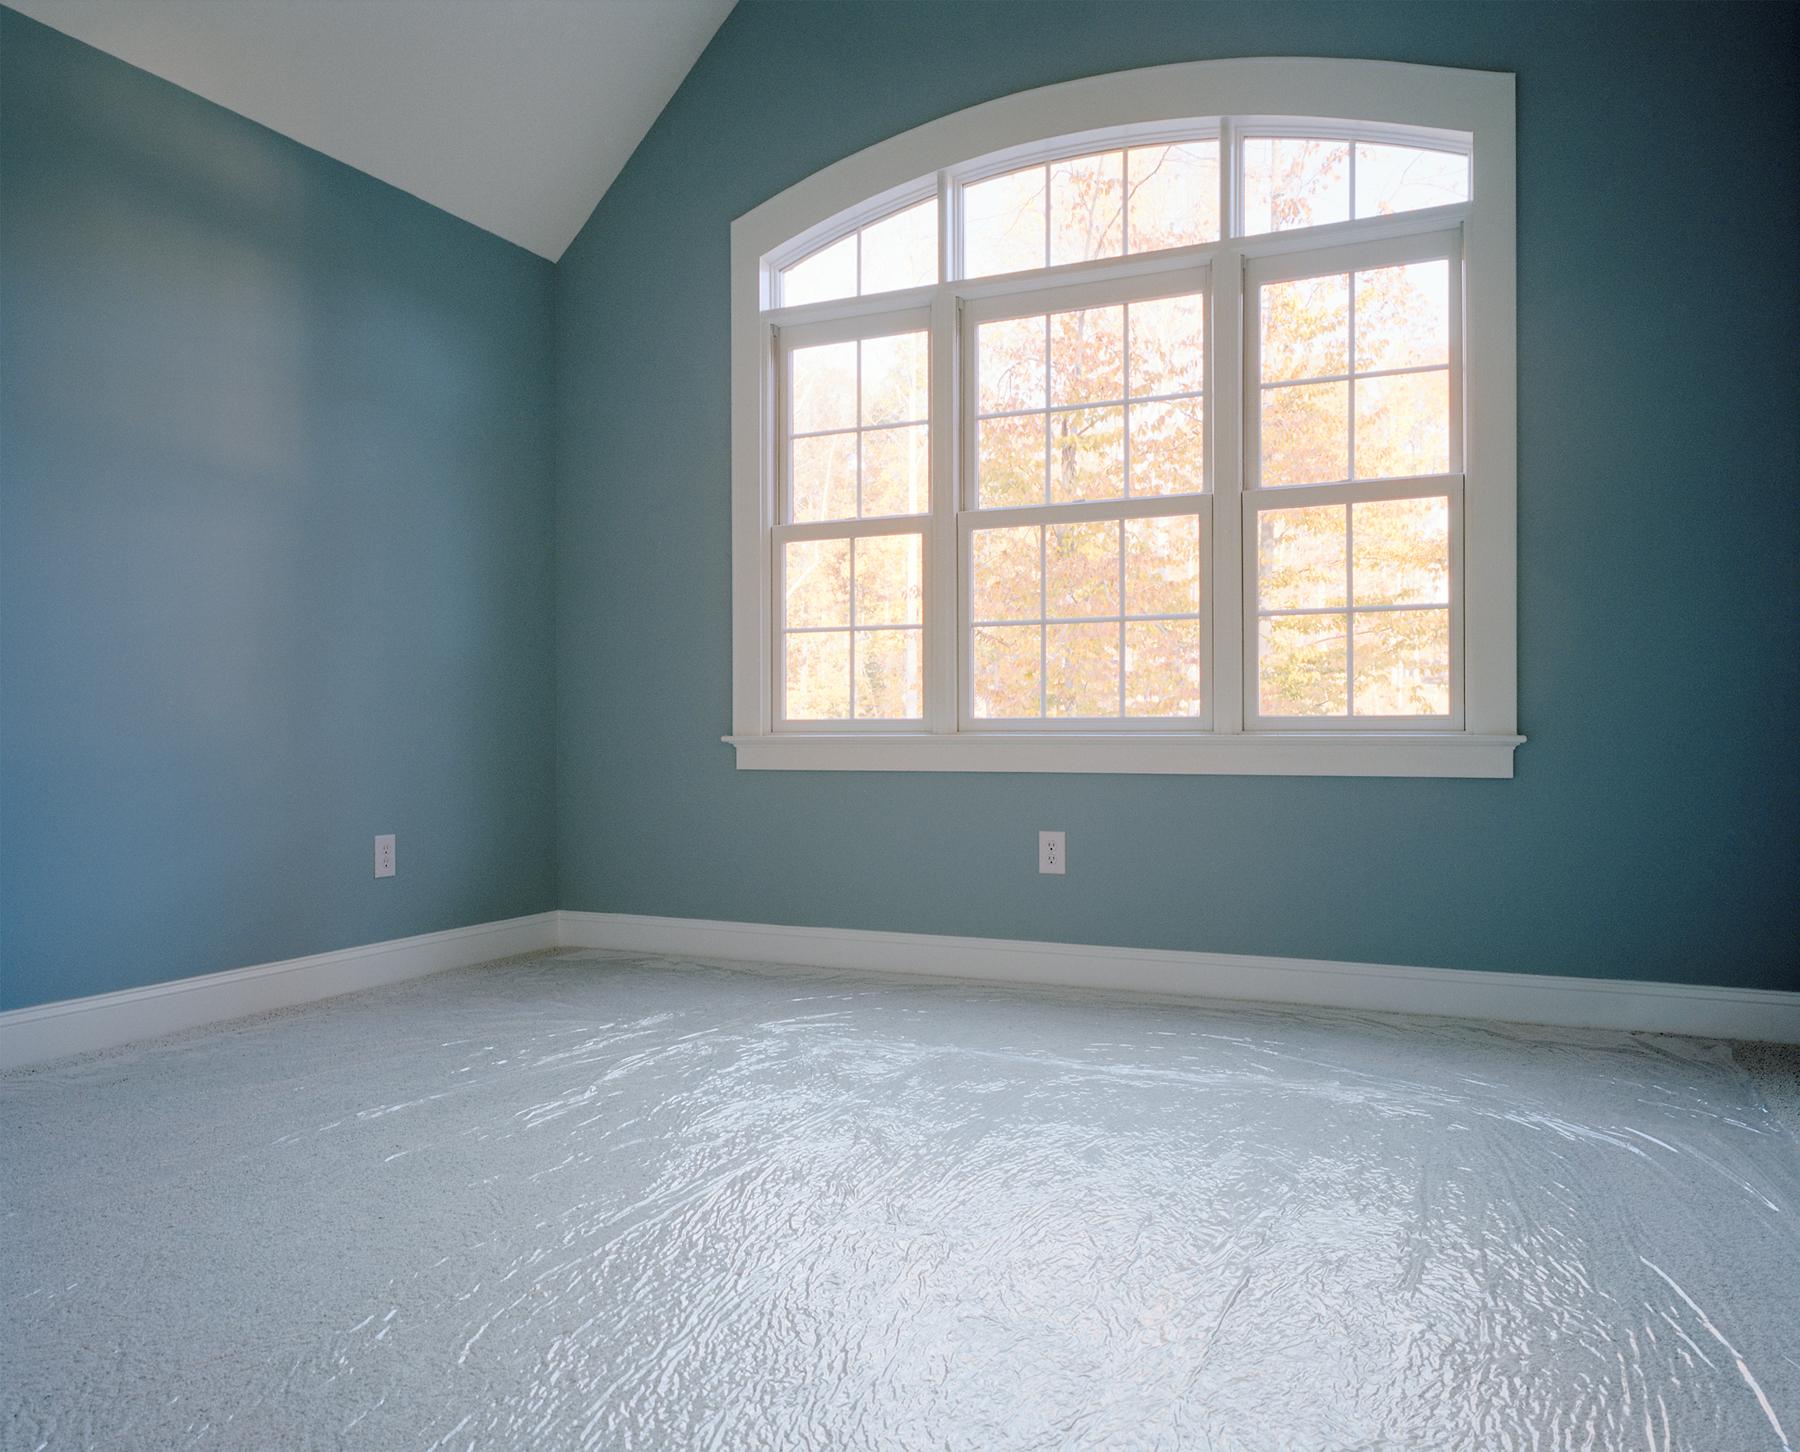 blue-plastic-room.jpg